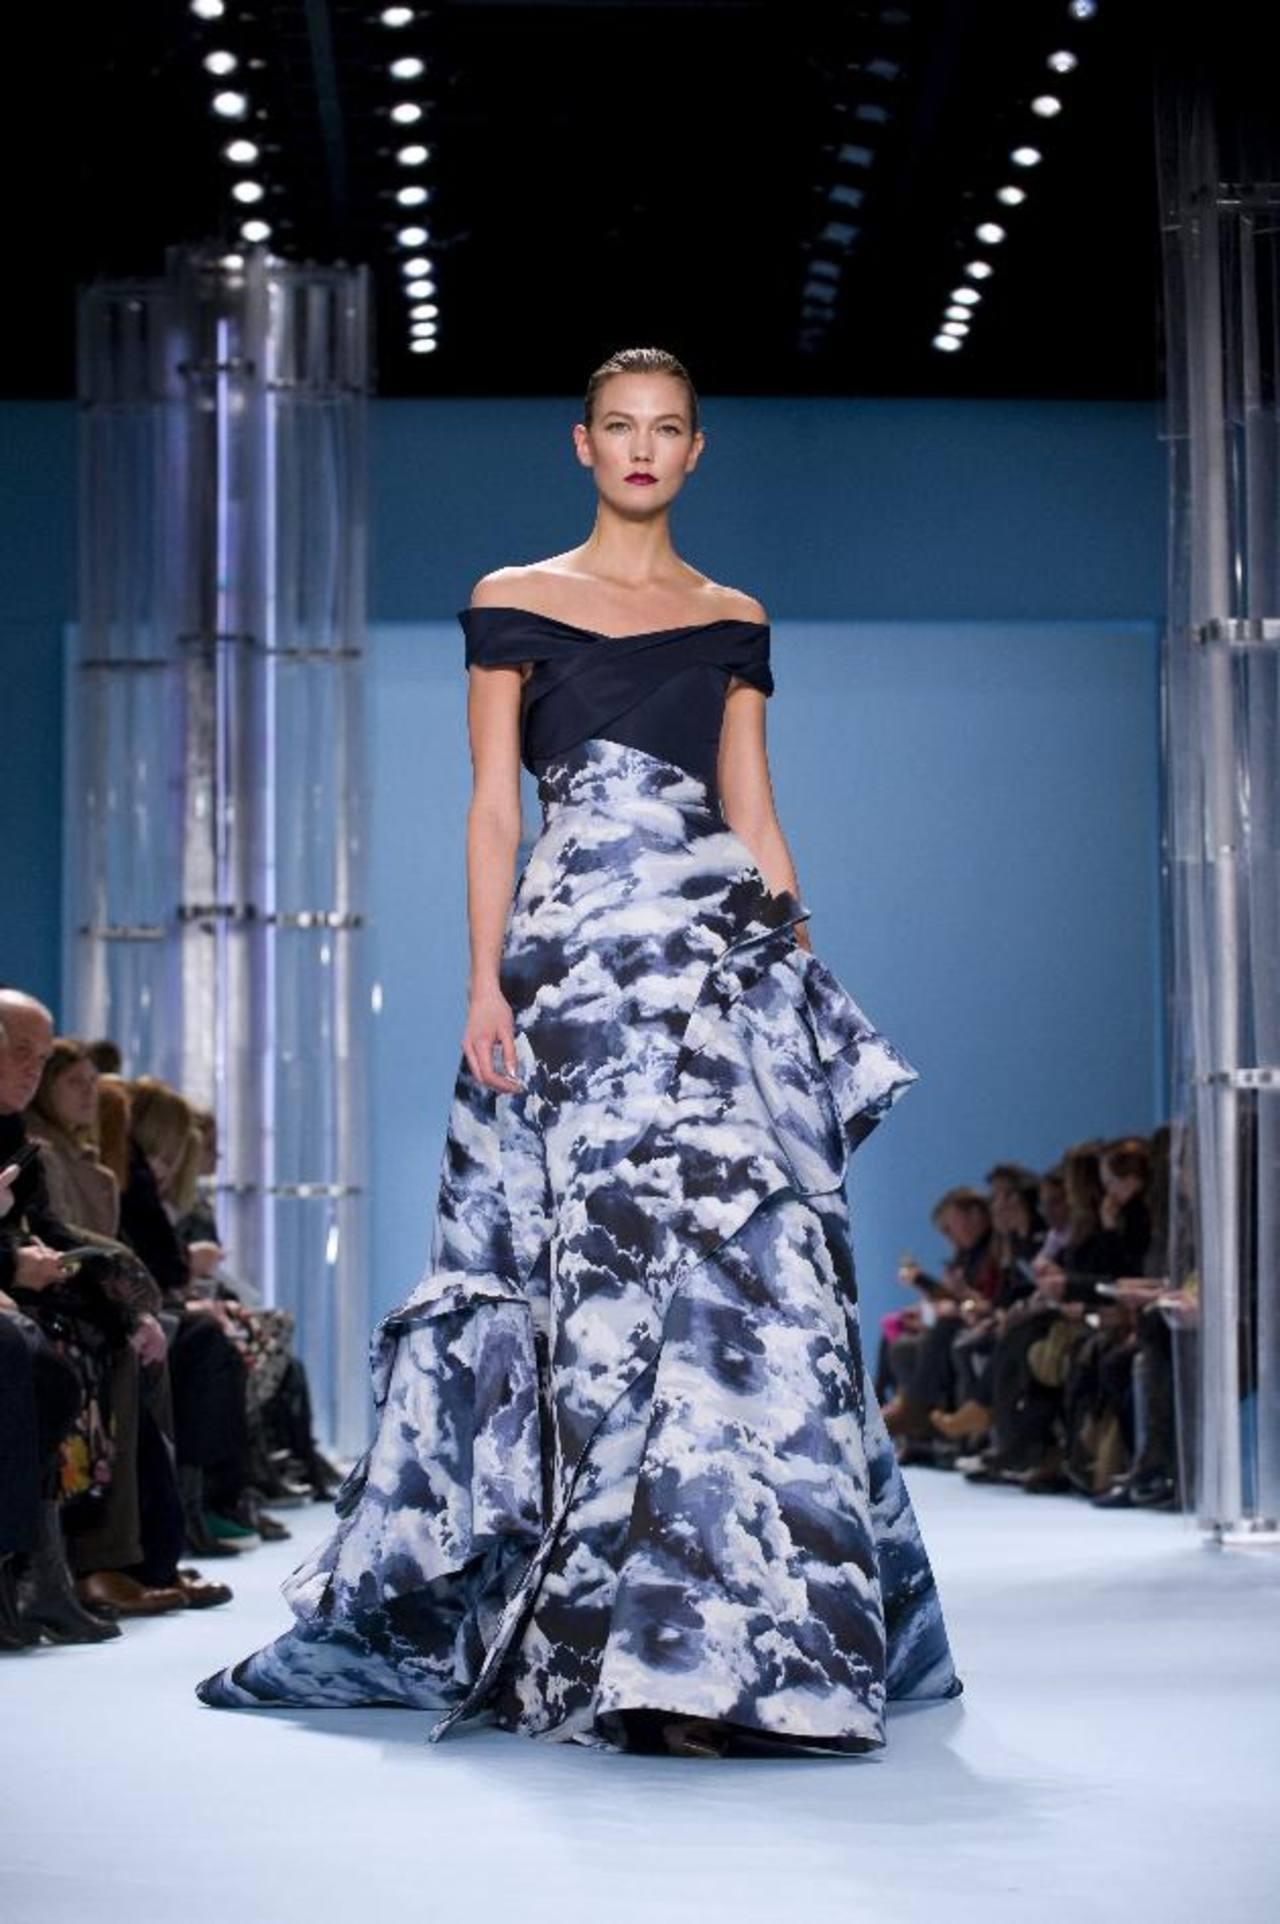 Colores azules y grises destacan en la colección de Carolina Herrera. Fotos EDH / agencias